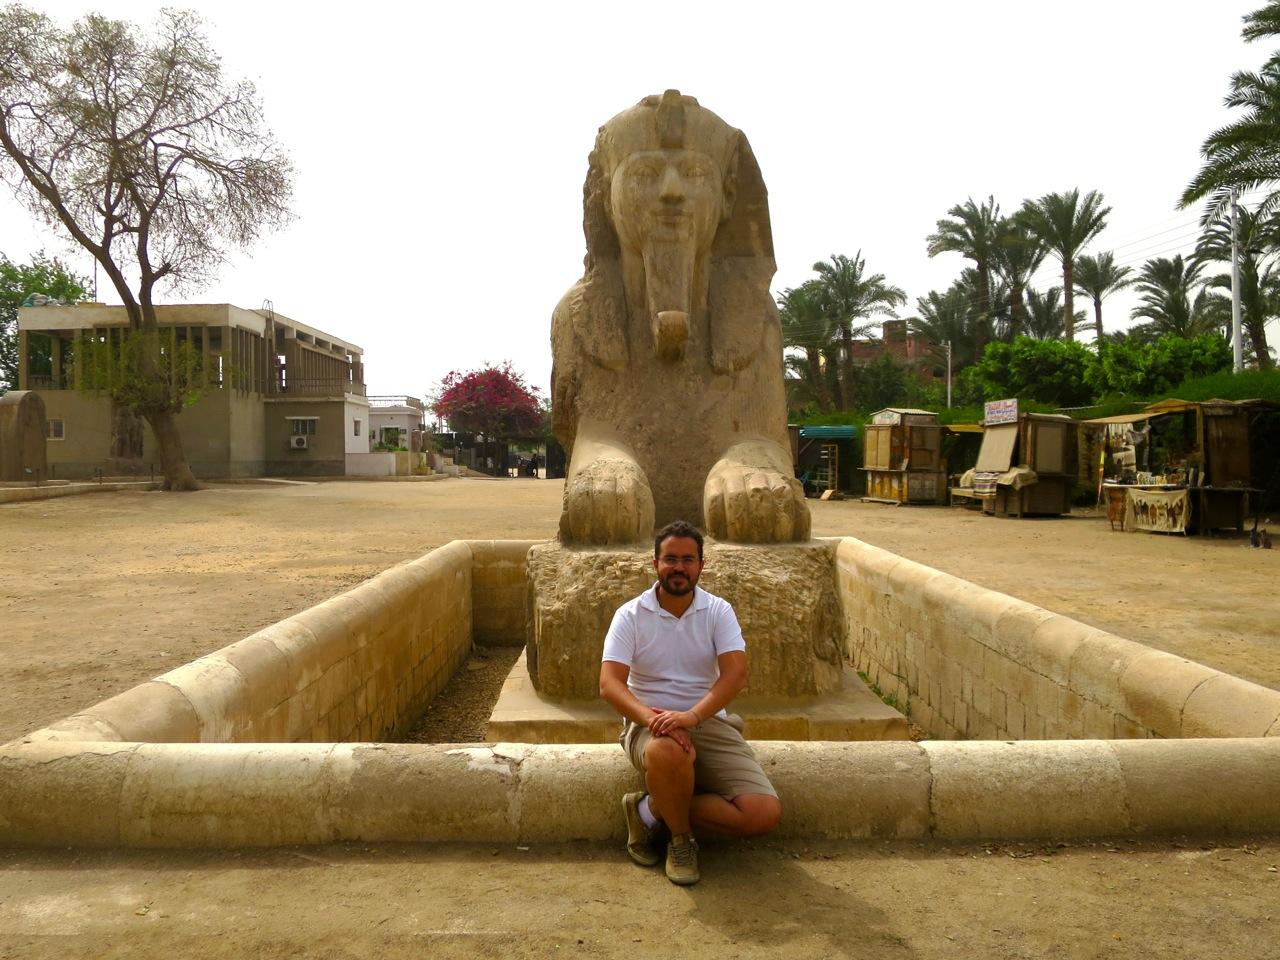 Cairo 5-14